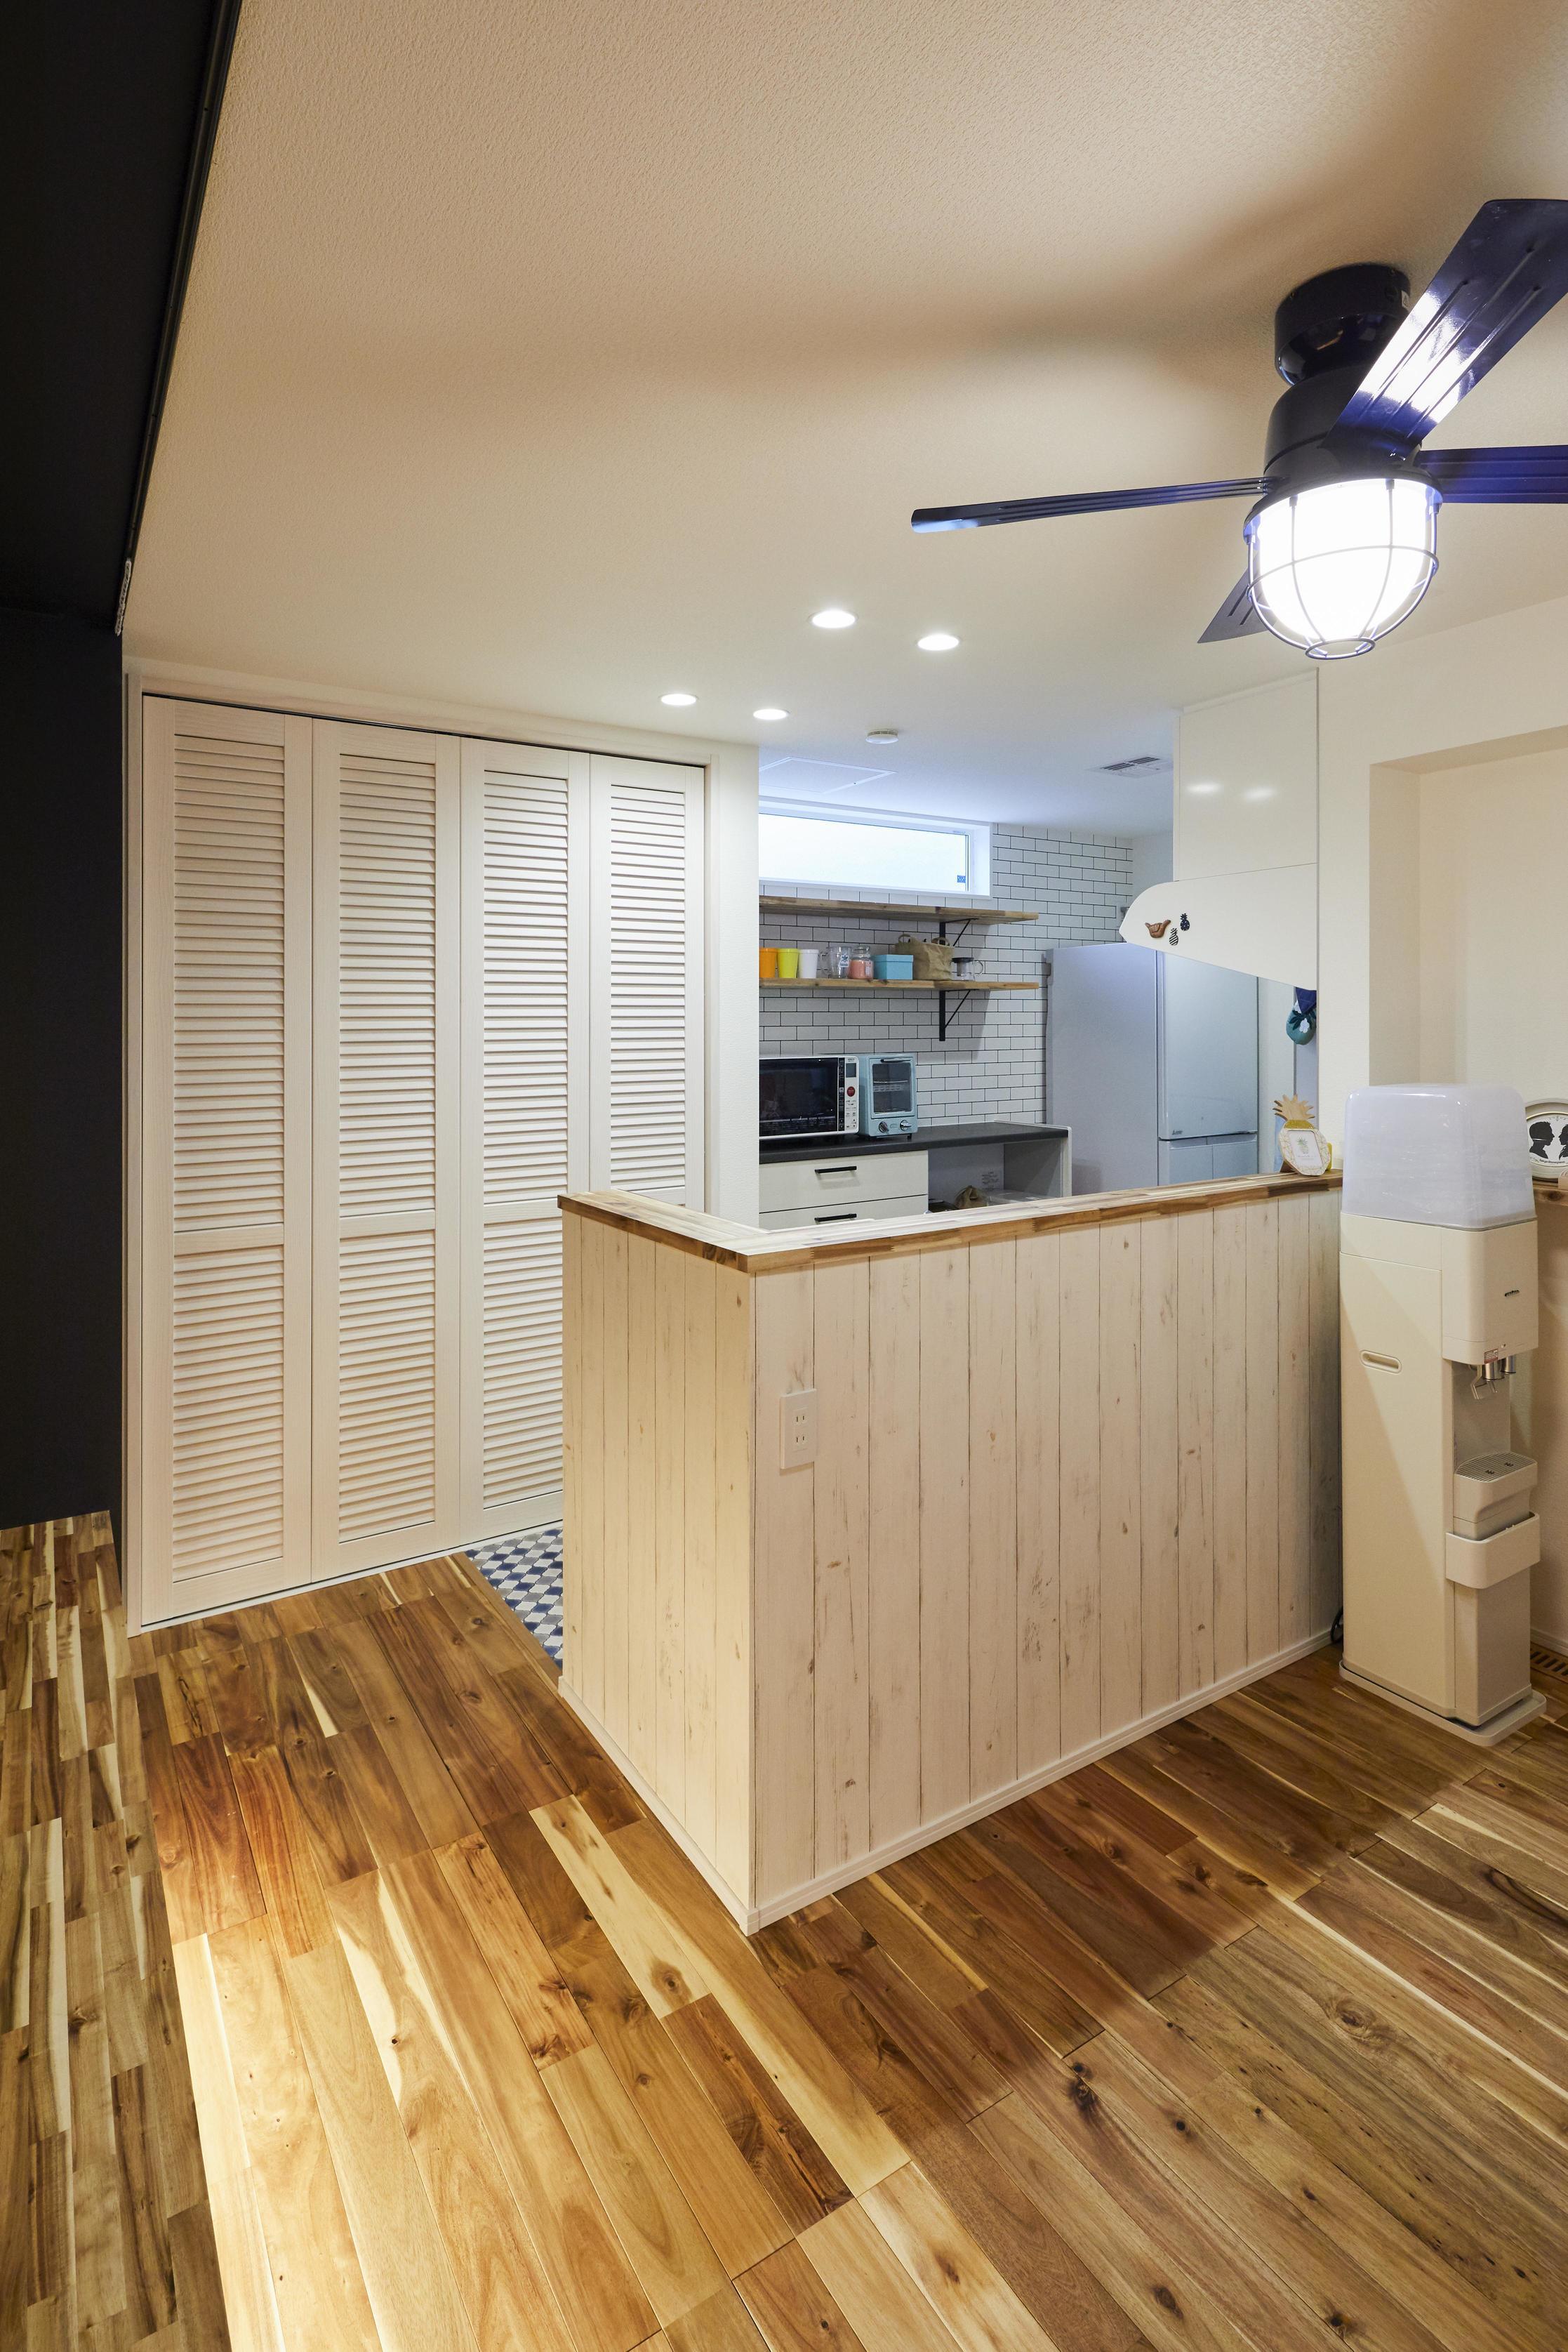 キッチンの背面にはパントリー収納があり、日用品や食品のも大量に収納できる